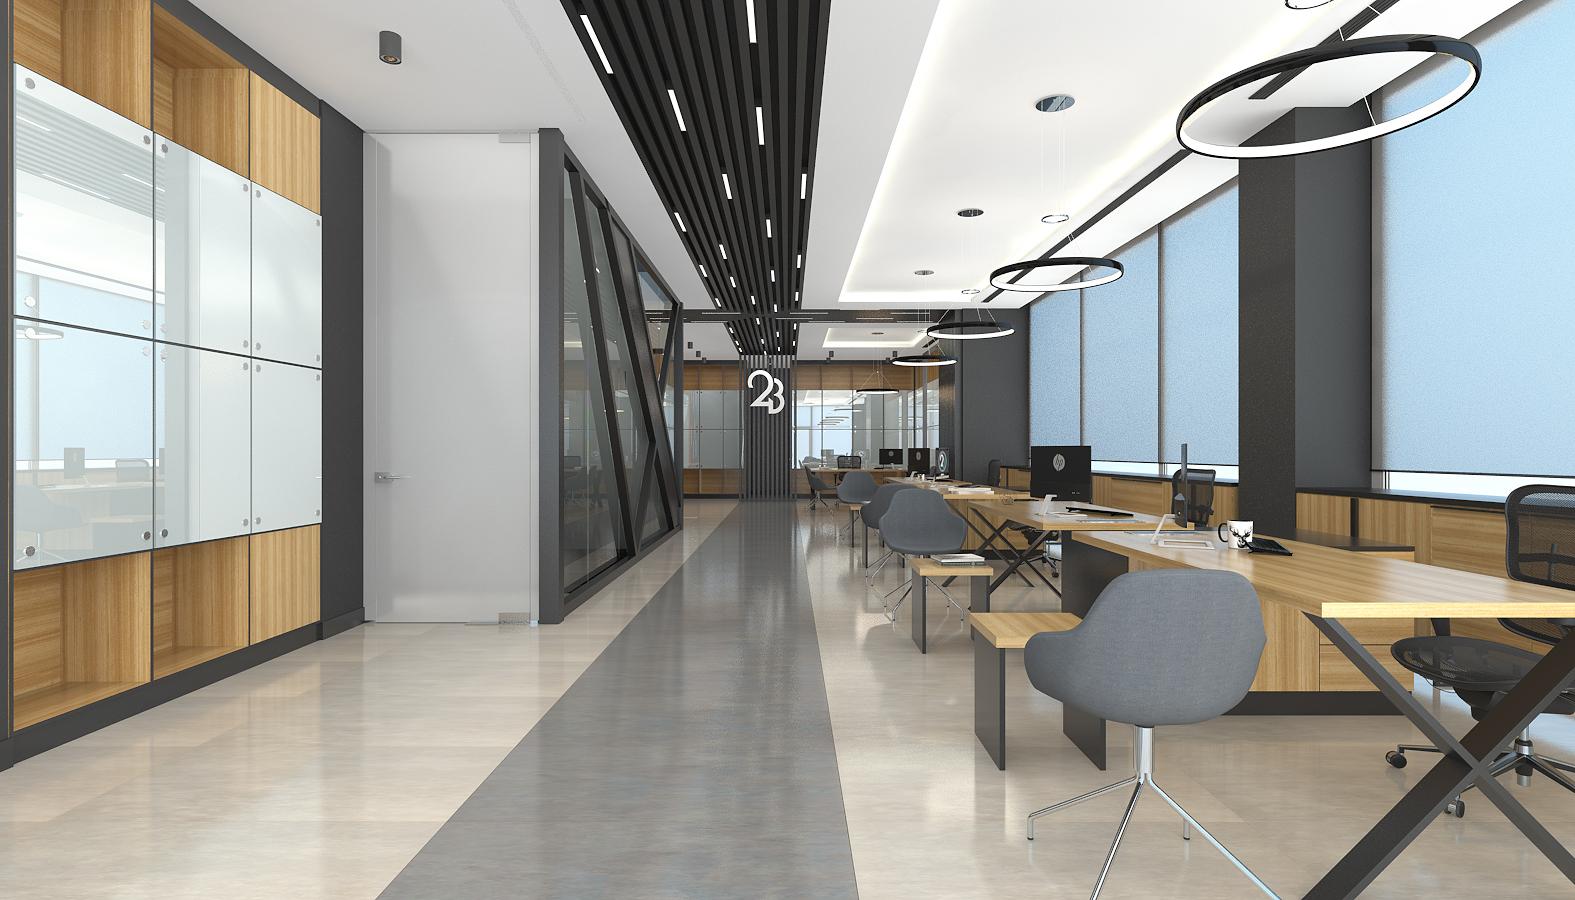 Mağaza Tasarımları ve İçmimari Dekorasyonu 2B Enerji